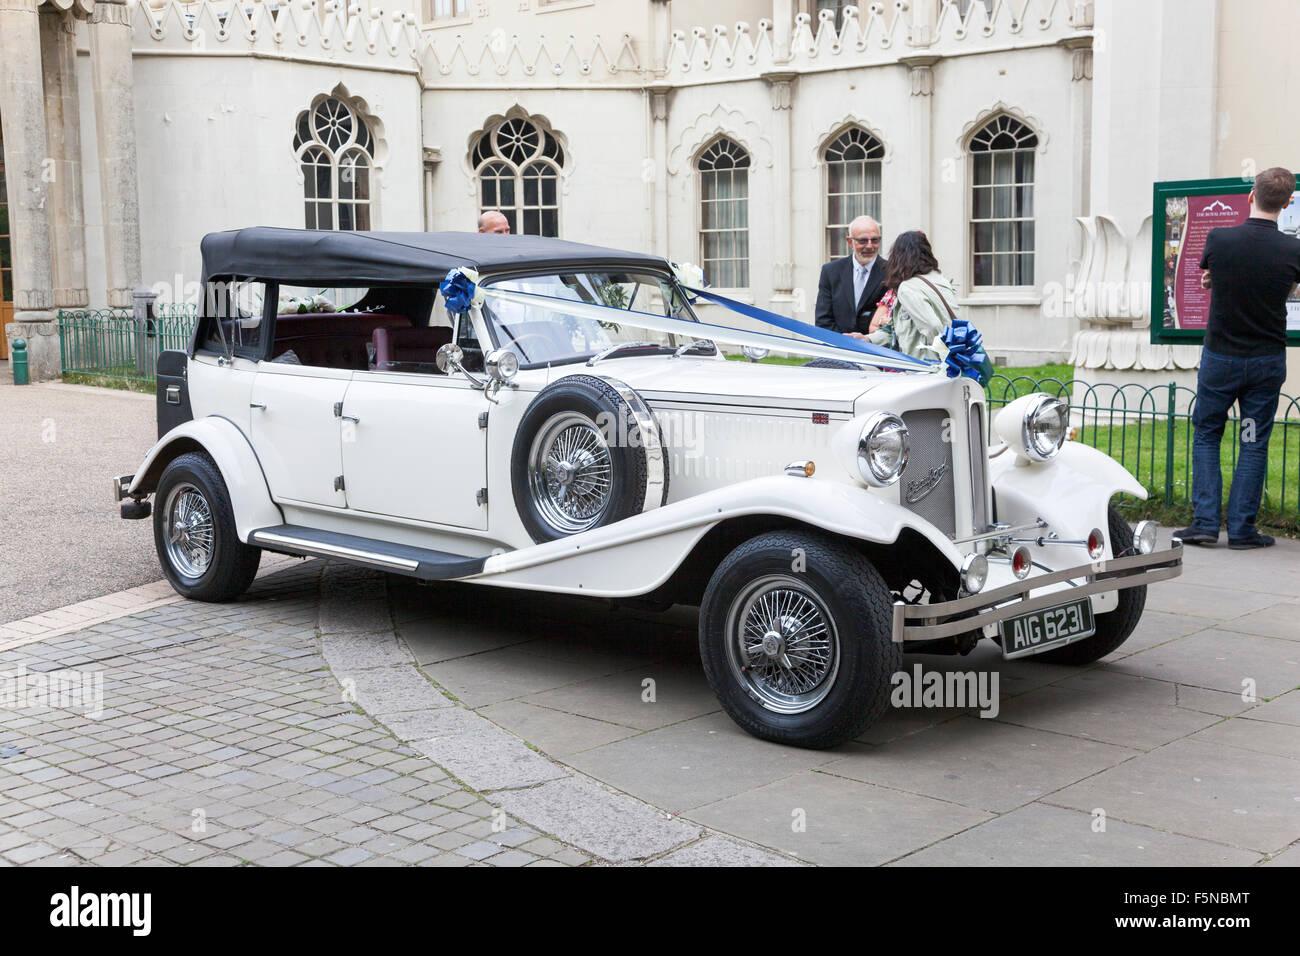 Wedding Car Rental Stock Photos & Wedding Car Rental Stock Images ...